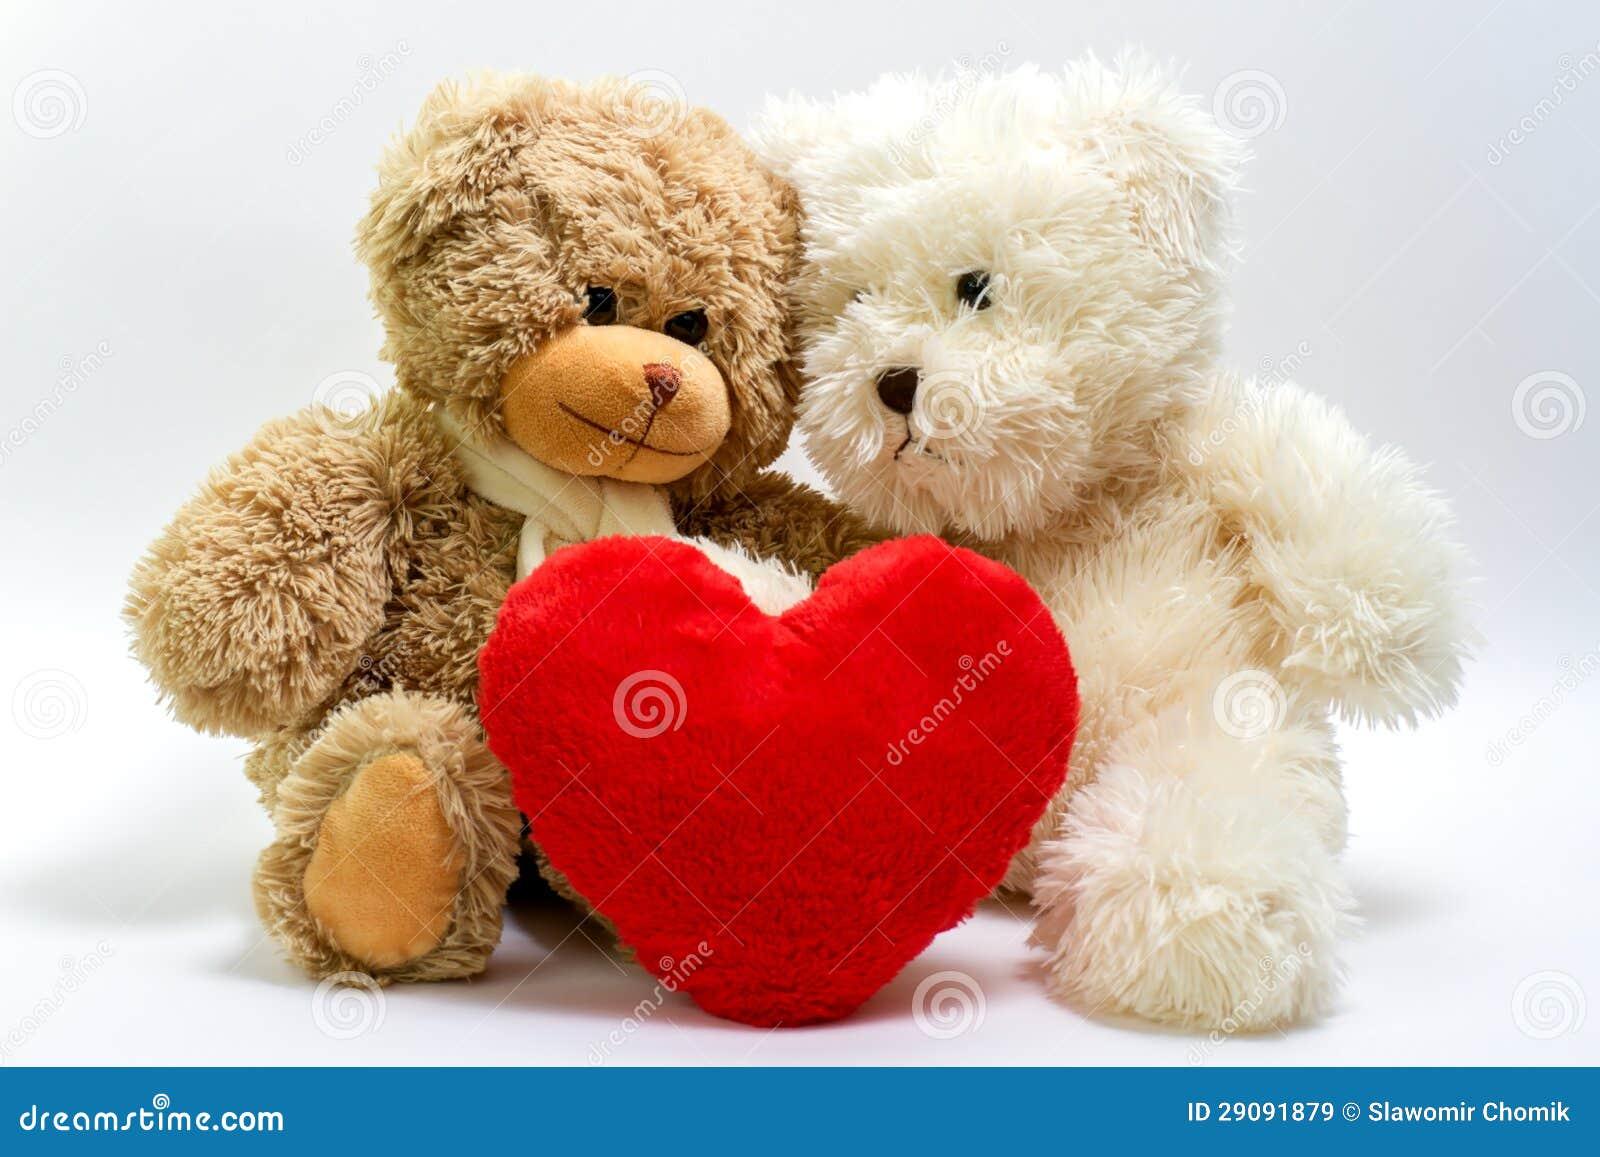 Ours de nounours pour la saint valentin images libres de droits image 29091879 - Coeur nounours ...